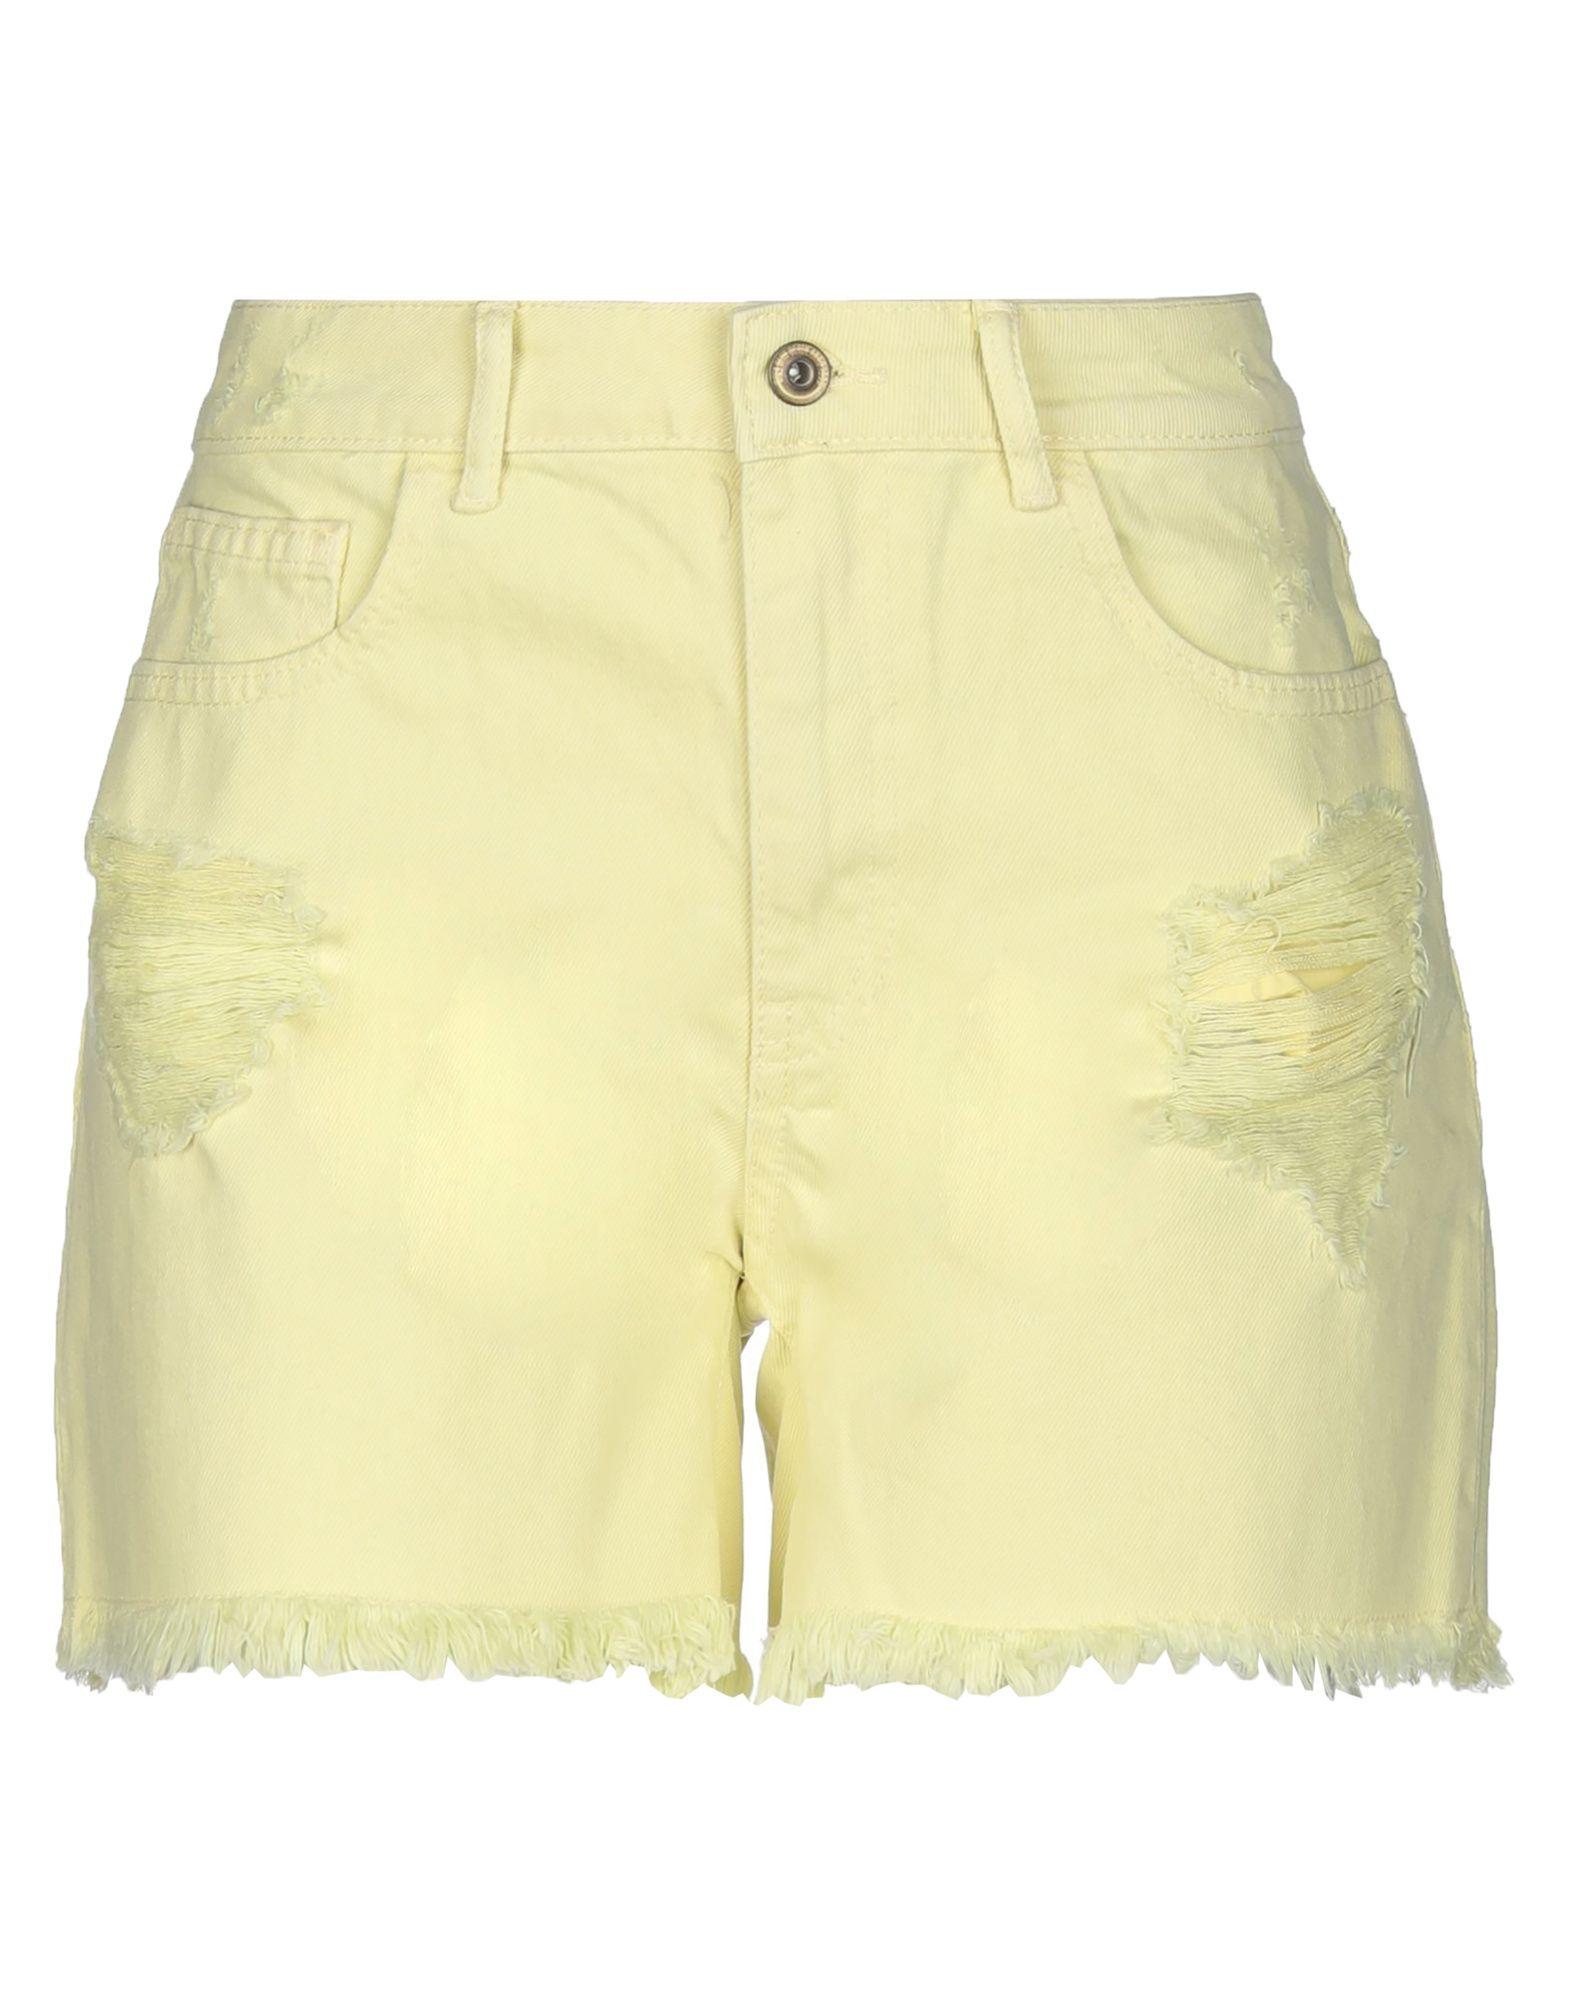 ONLY Джинсовые шорты шорты джинсовые 3 12 лет